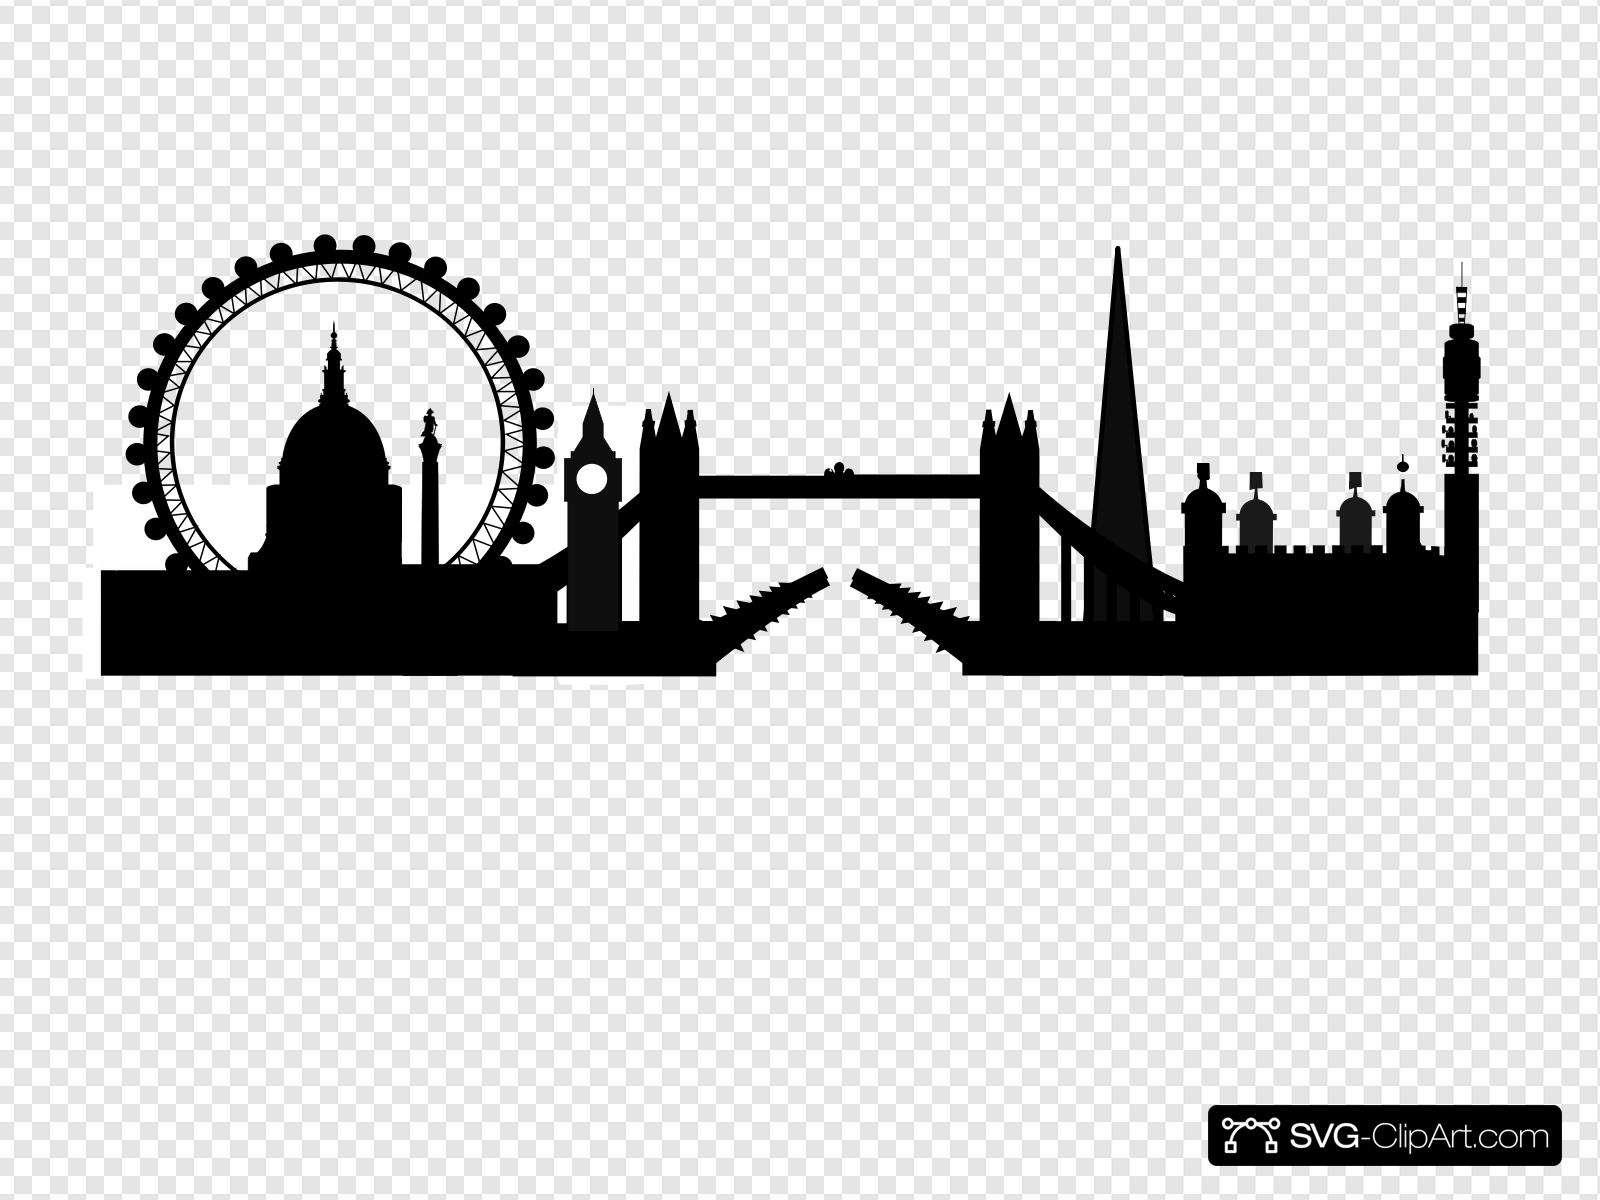 Clip art icon and. Skyline clipart skyline london